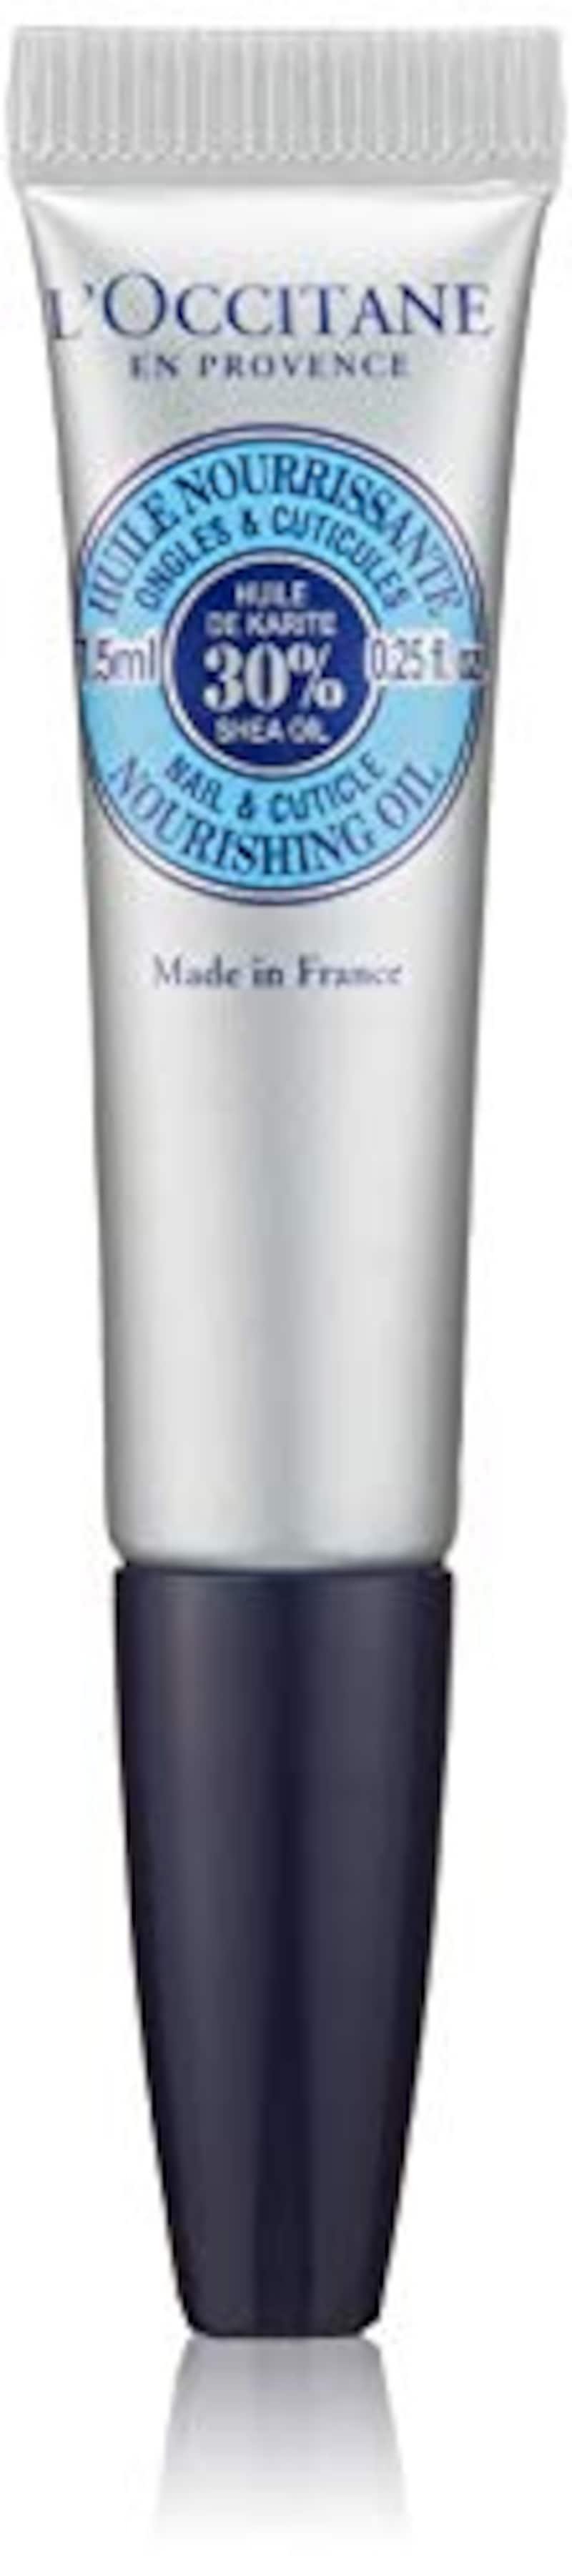 ロクシタン(L'OCCITANE),シア ネイルオイル,01HN0075K14